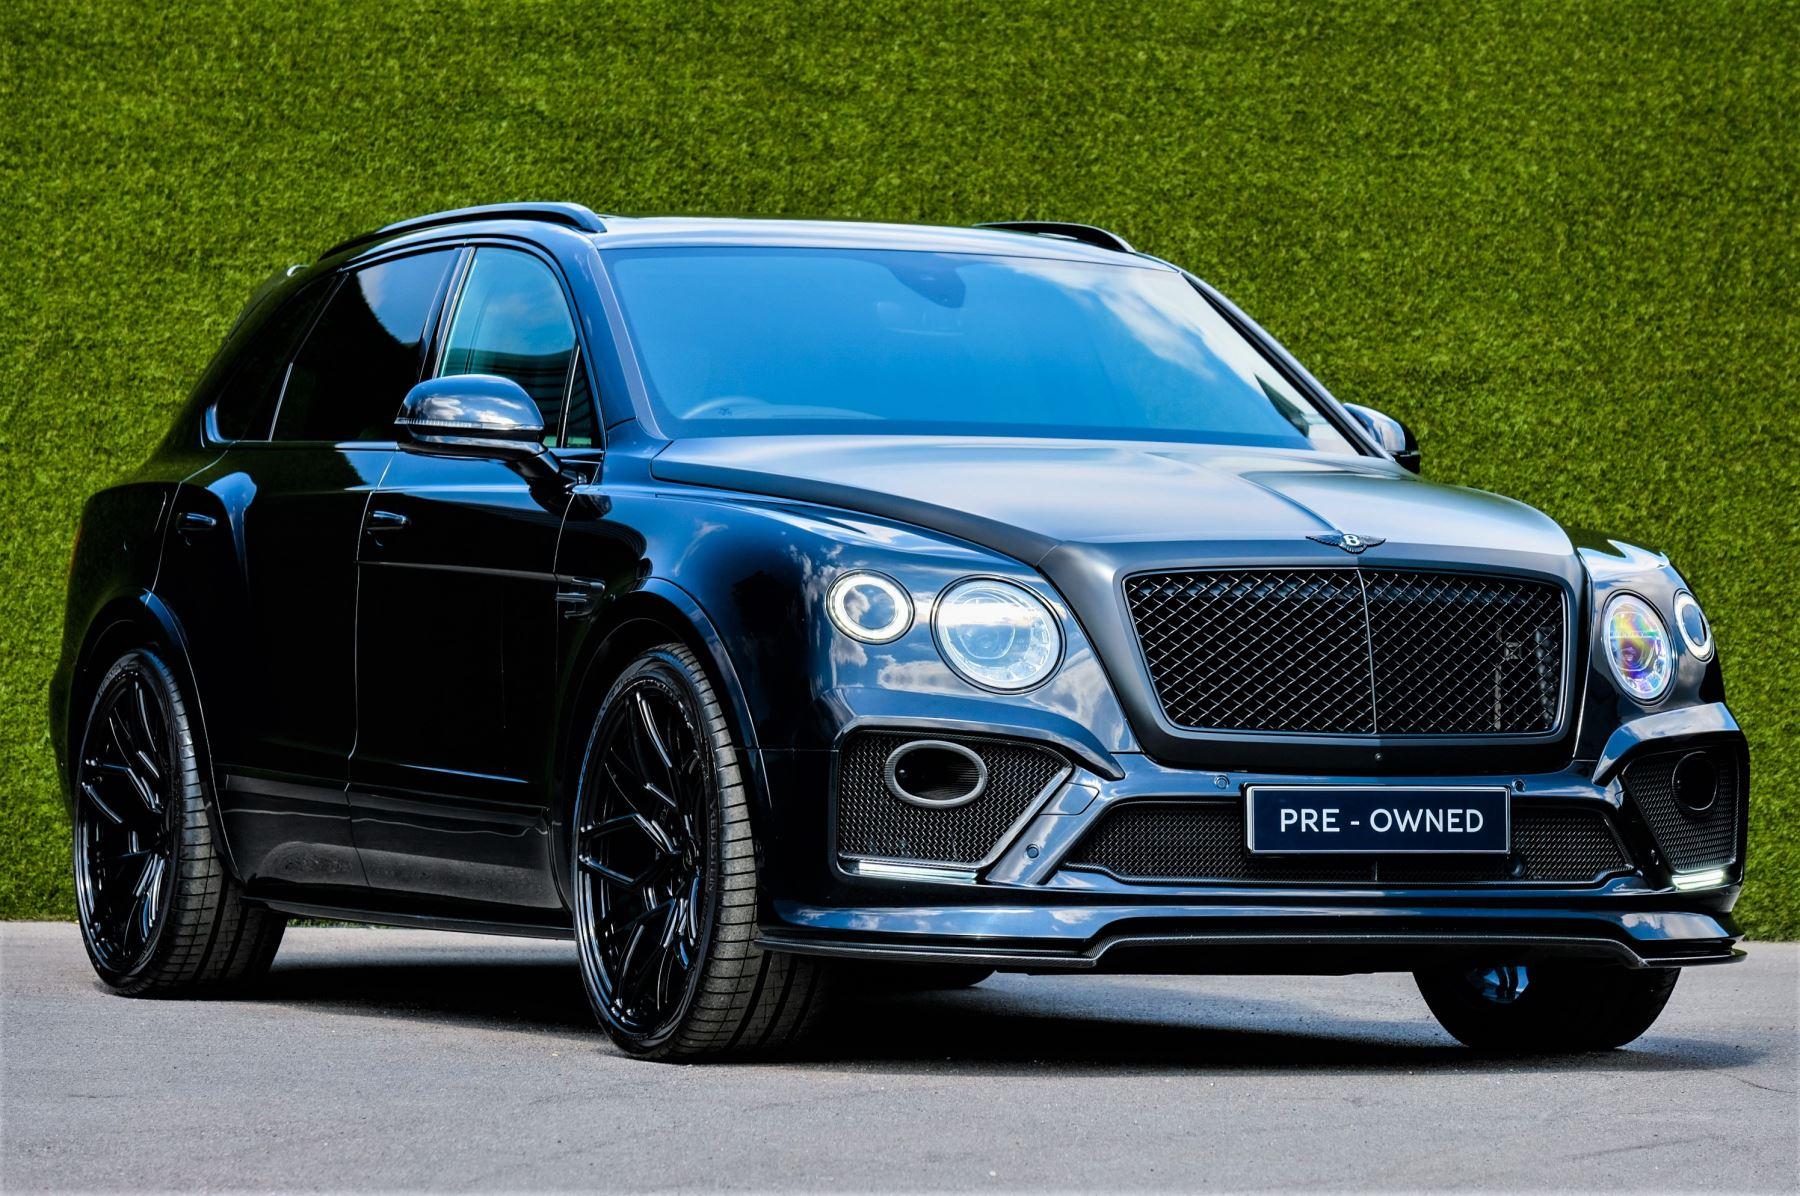 Bentley Bentayga 4.0 V8 - URBAN AUTOMOTIVE LIMITED EDITION Automatic 5 door Estate